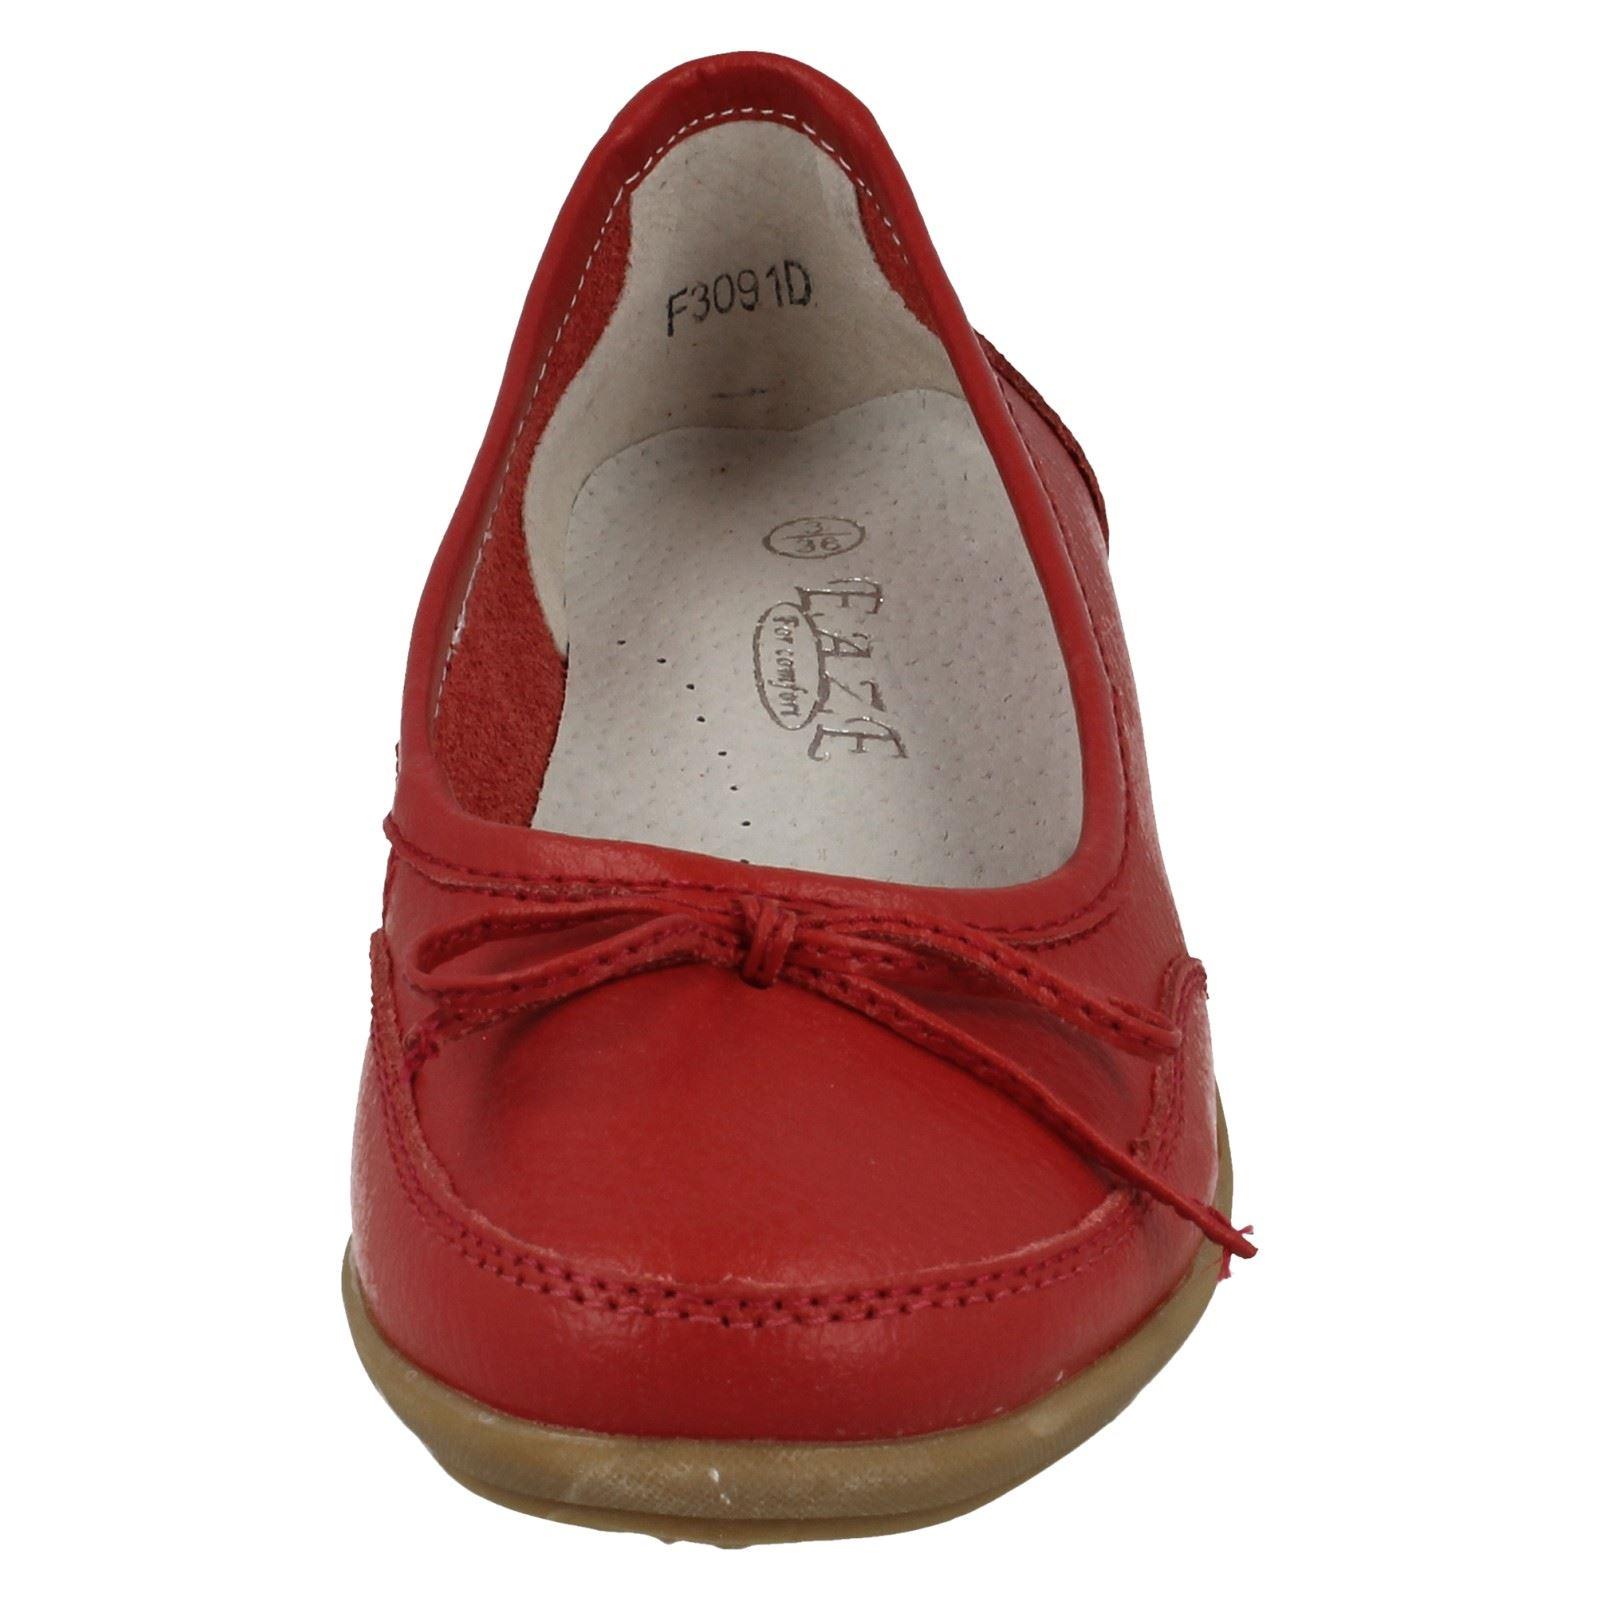 Zapatos de Mujer Eaze Cuña pequeña F3091-D